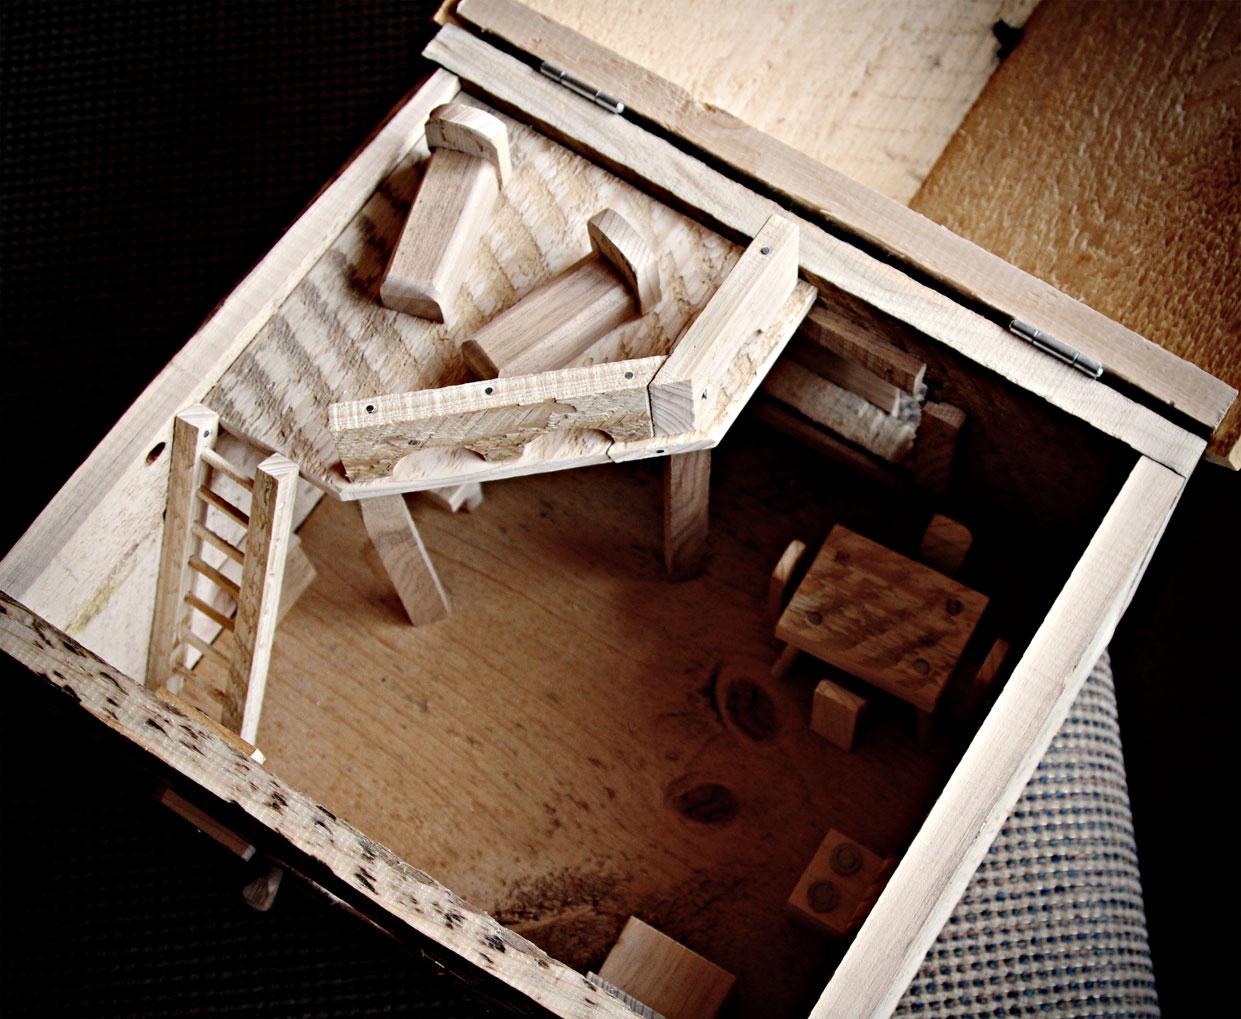 Homemade Wooden Dollhouse Bernier Isms Random Thoughts